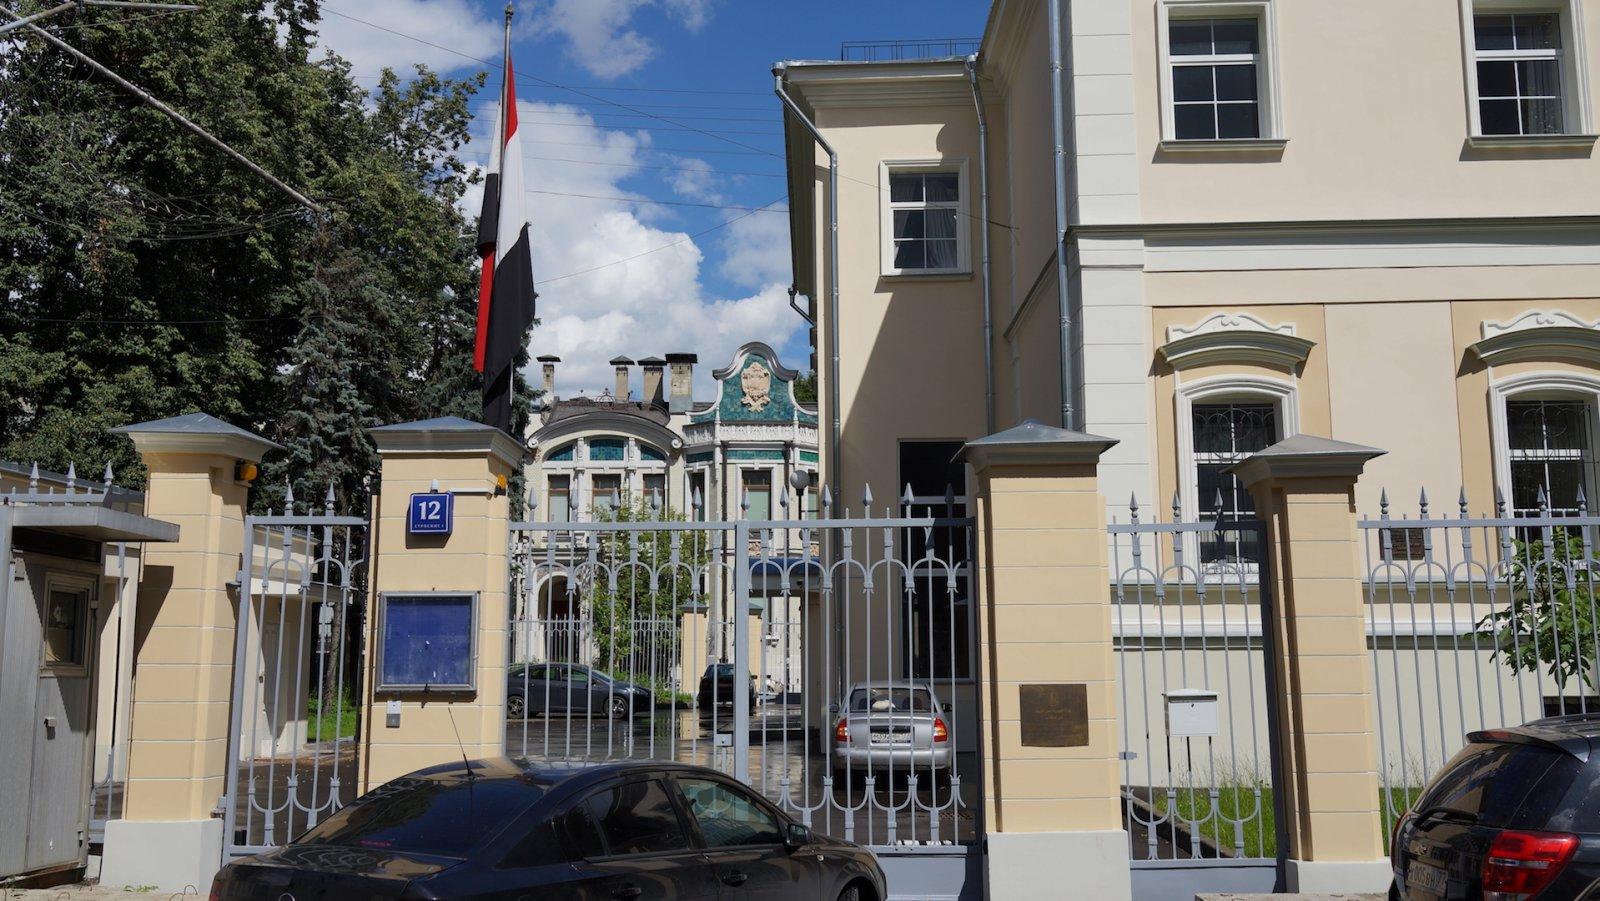 Посольство Арабской Республики Египет, Москва, Кропоткинский переулок, 12, 23.07.2017 г.JPG